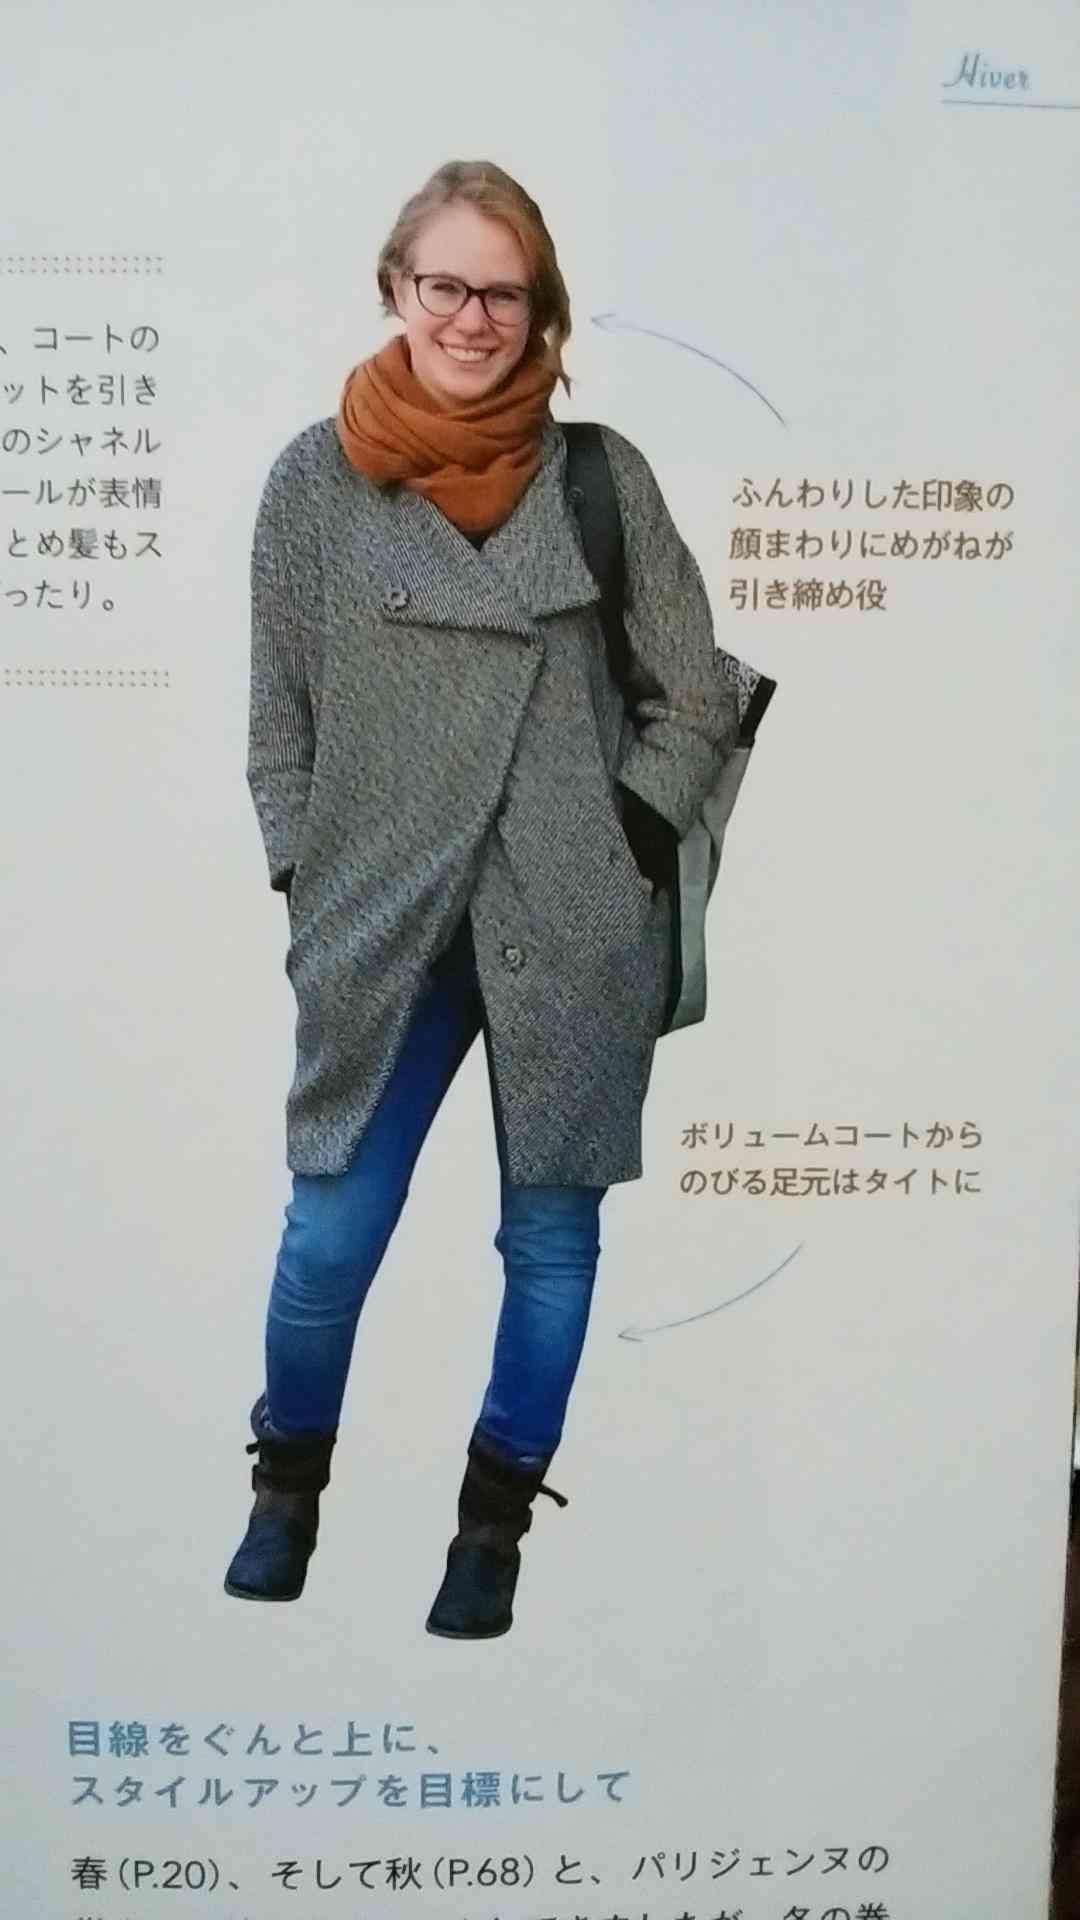 流行のファッションに興味がない!